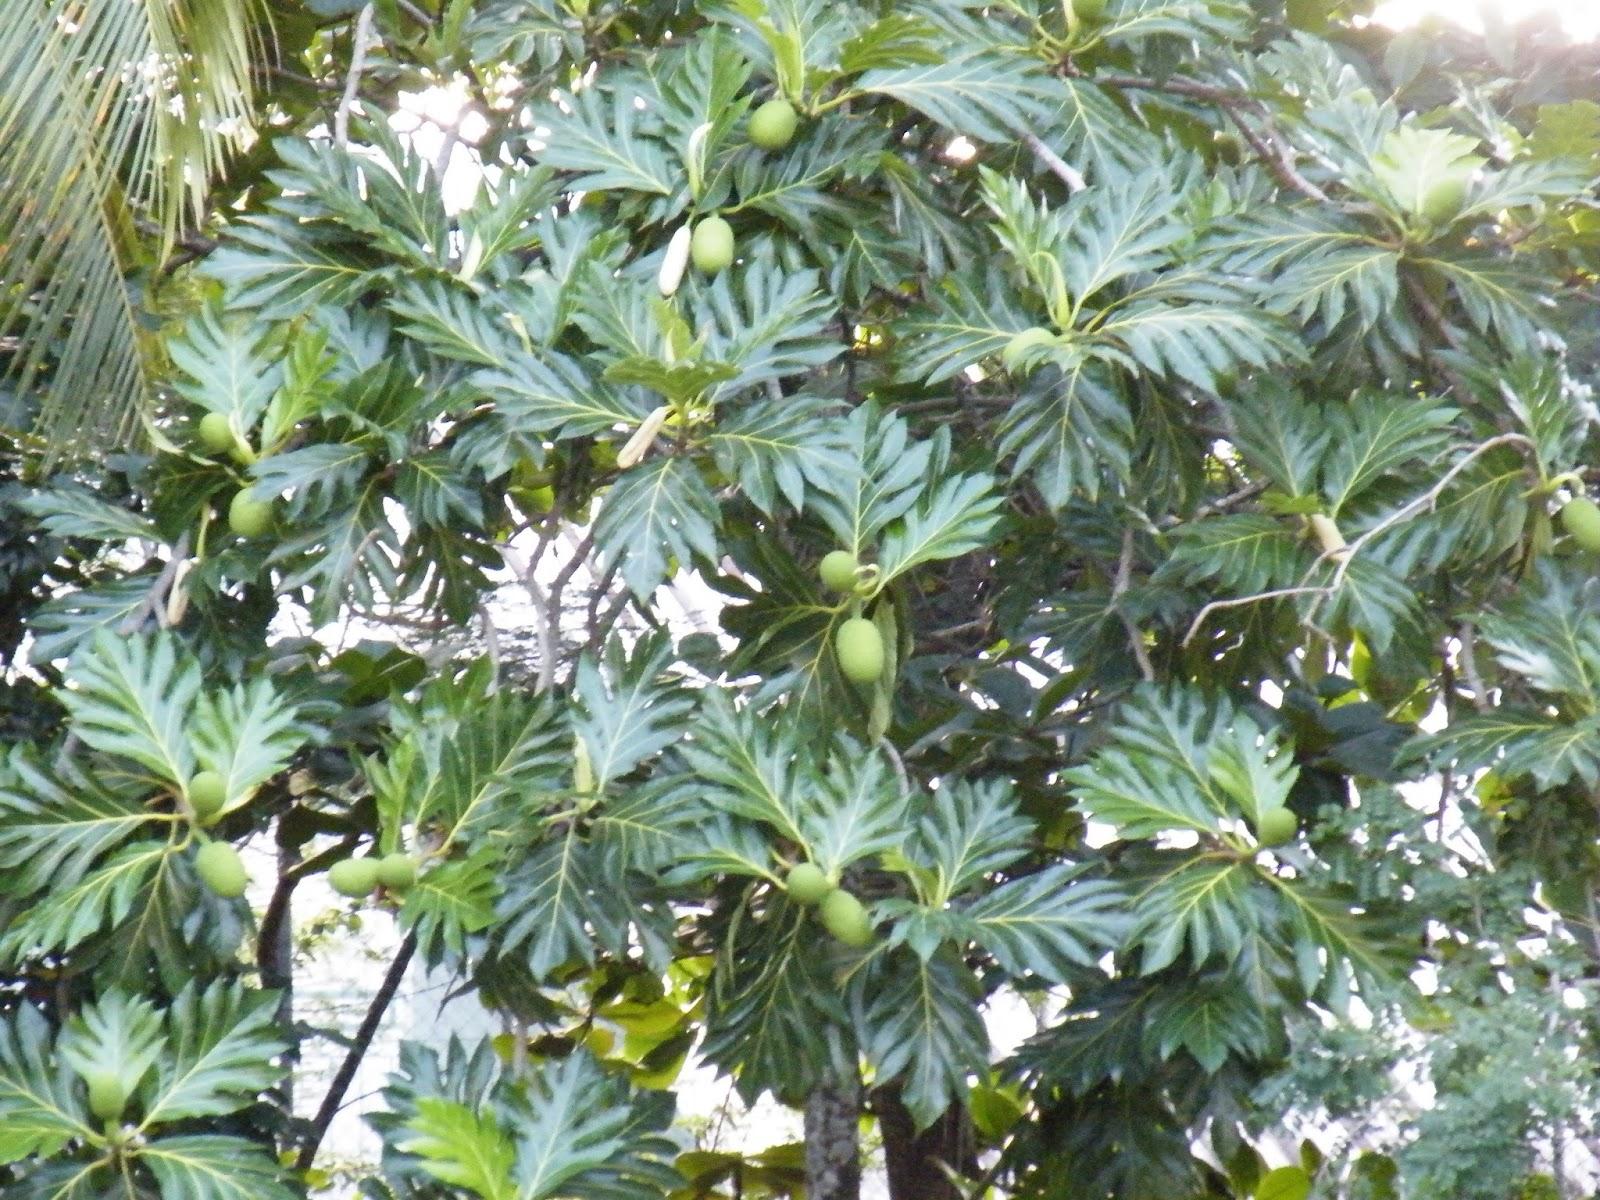 Du four au jardin et mes dix doigts l 39 arbre pain for Plante 5 doigts bahamas